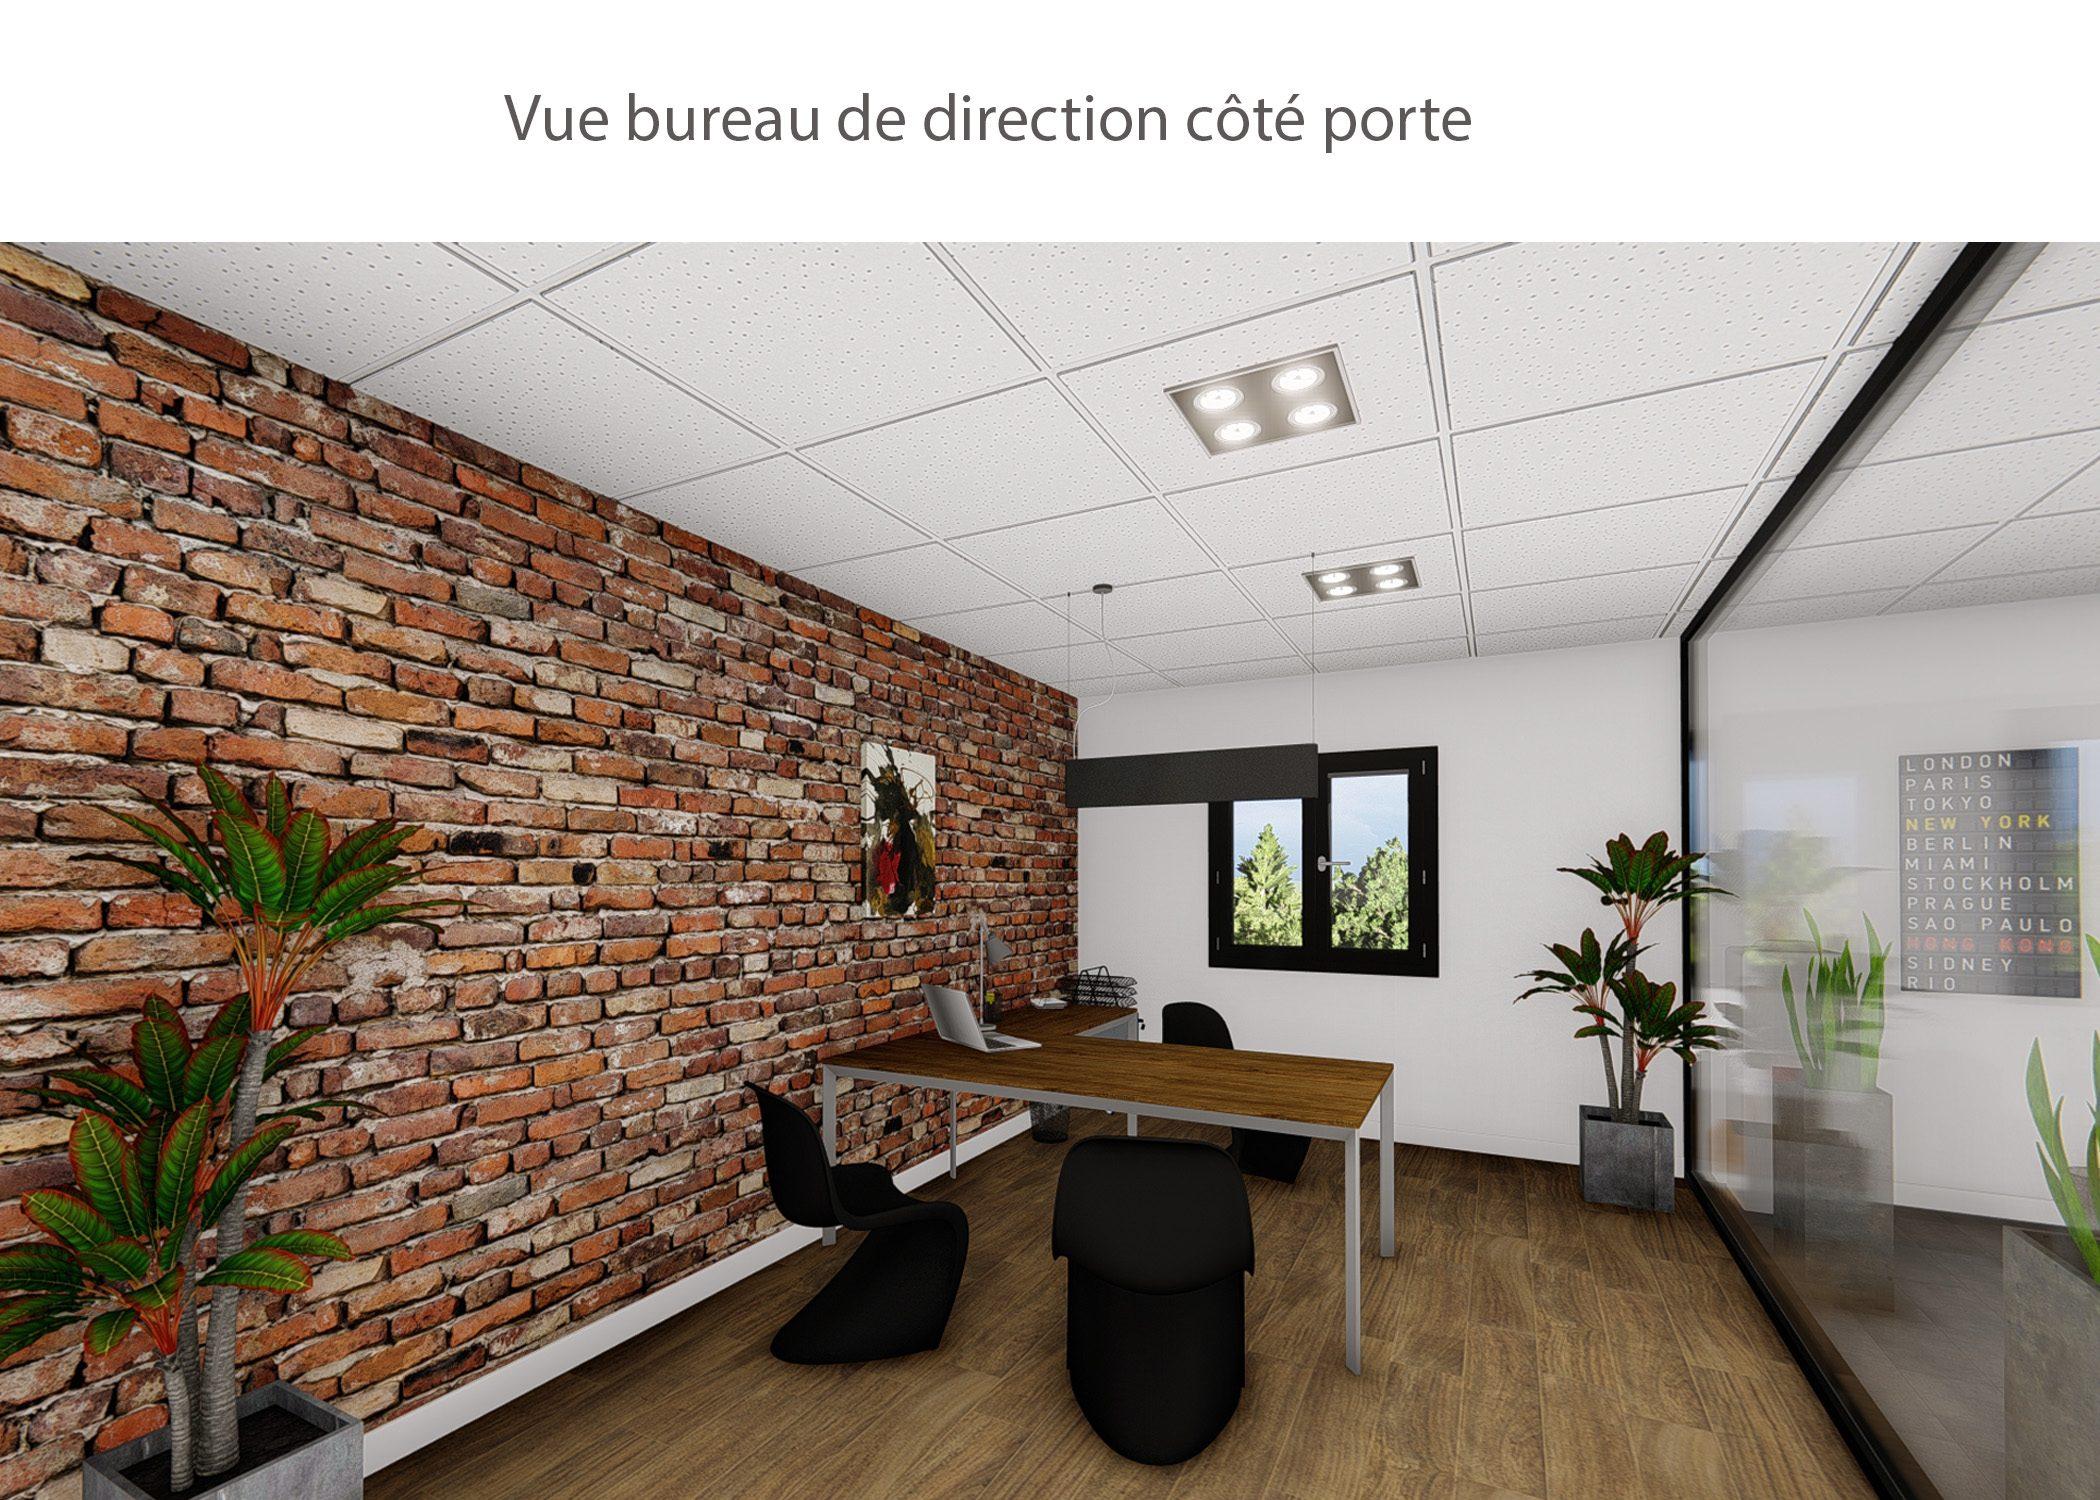 amenagement-decoration-start-up vente en ligne-region parisienne-bureau de direction cote porte-dekho design